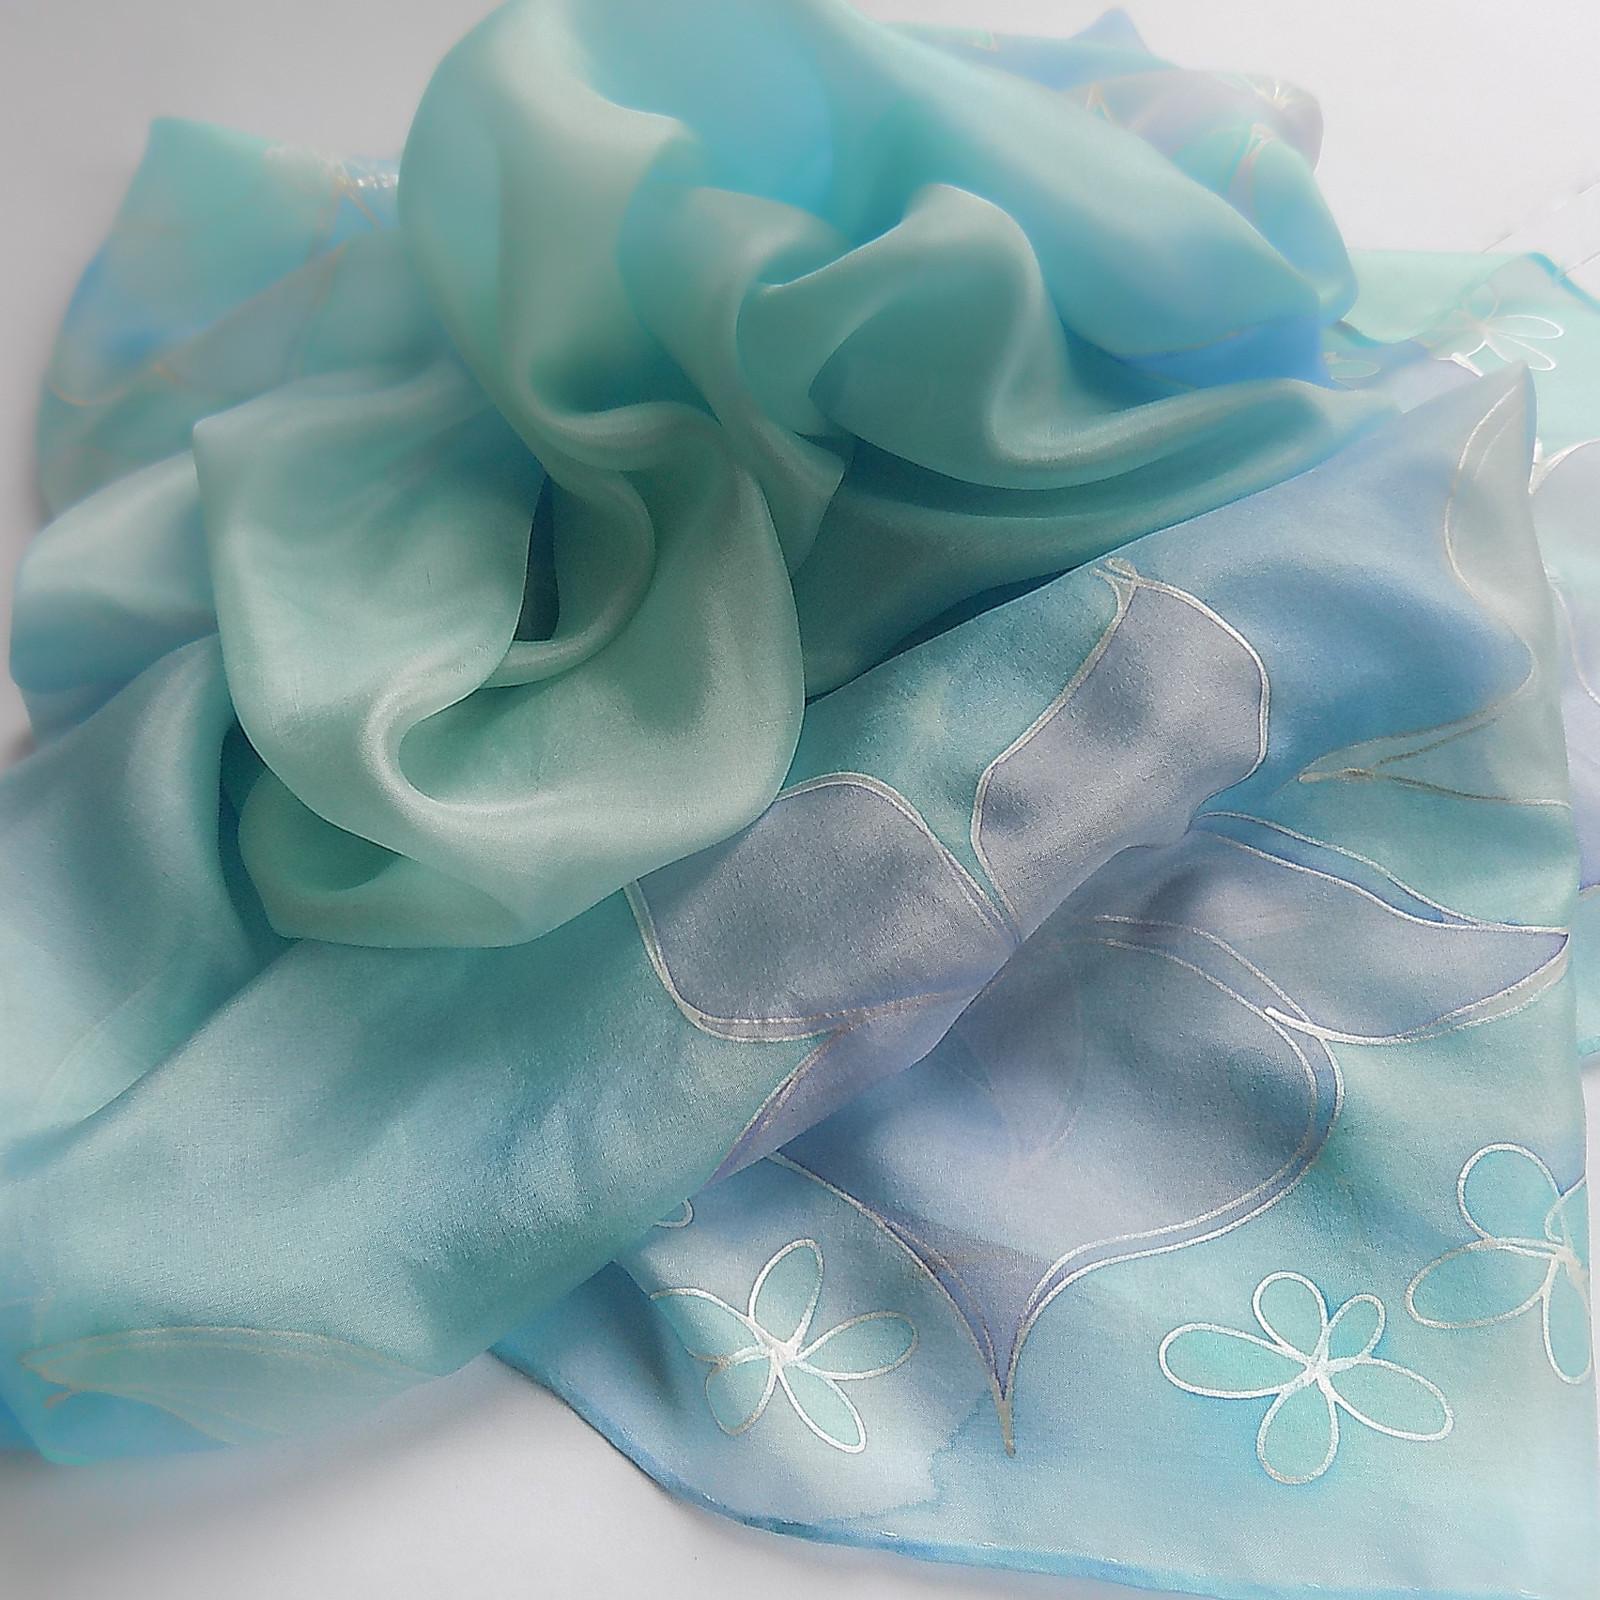 e68d03758c2 Hedvábný šátek - Modrý pastelový s květy   Zboží prodejce Hedvábí ...